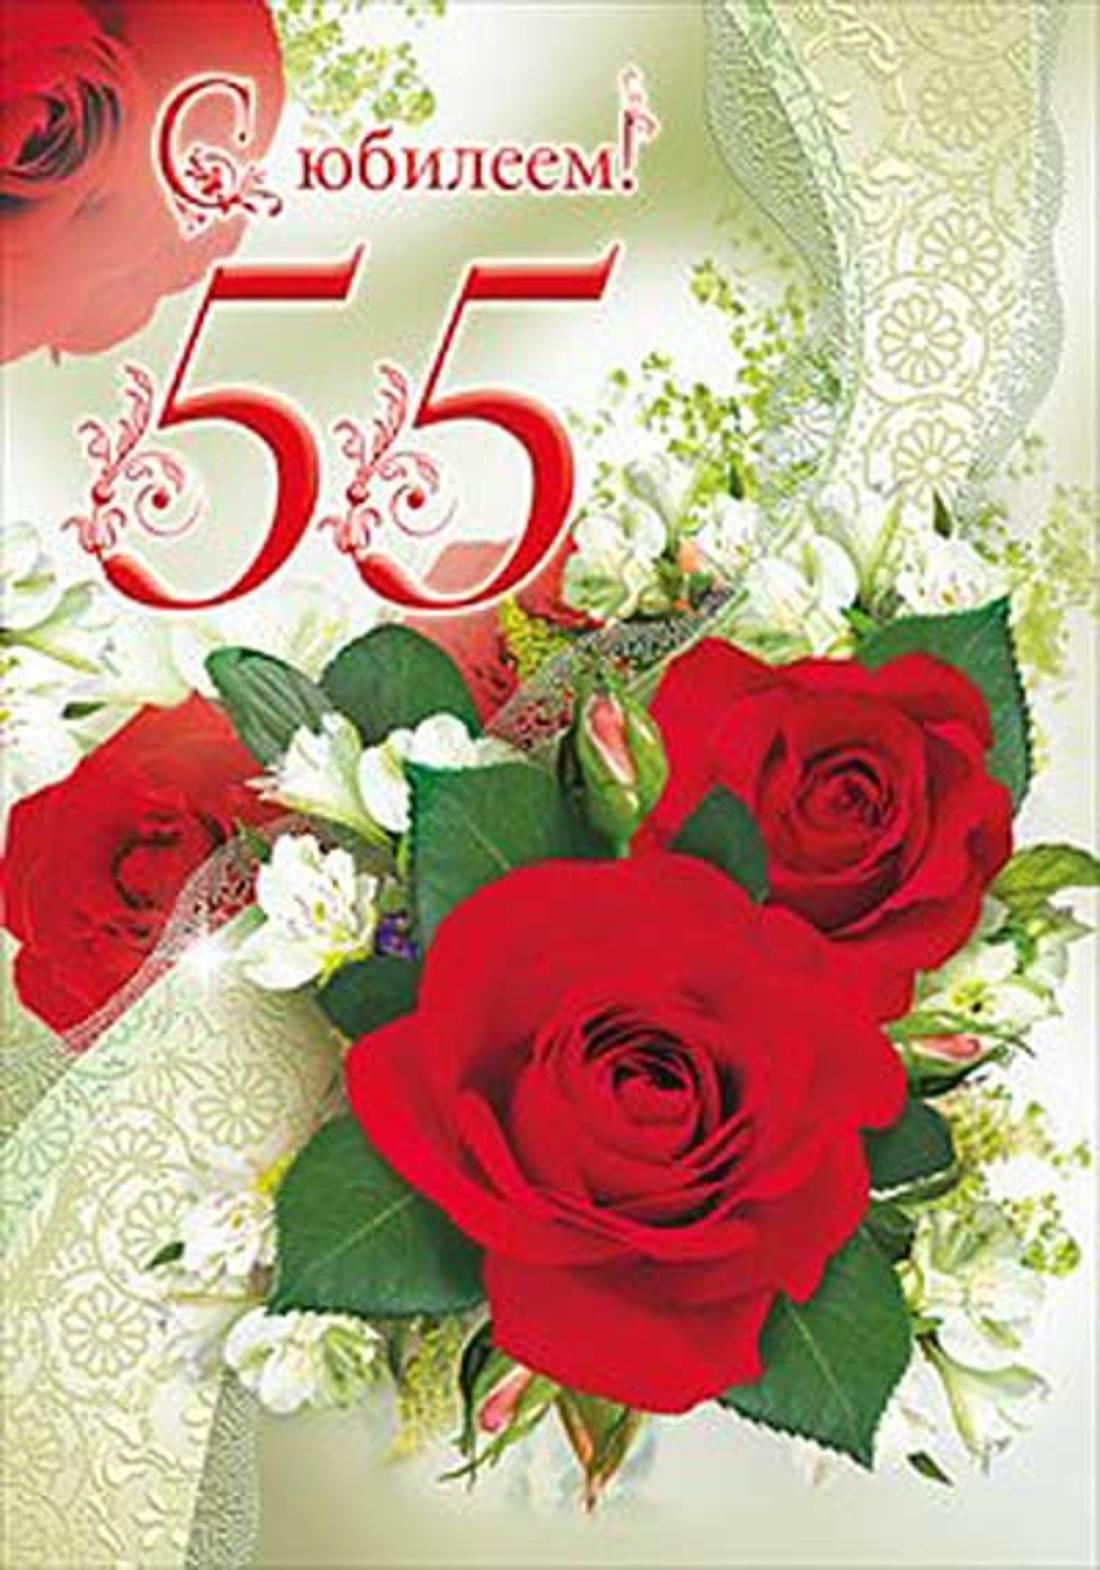 Поздравление для женщины с 55 летием от подруги